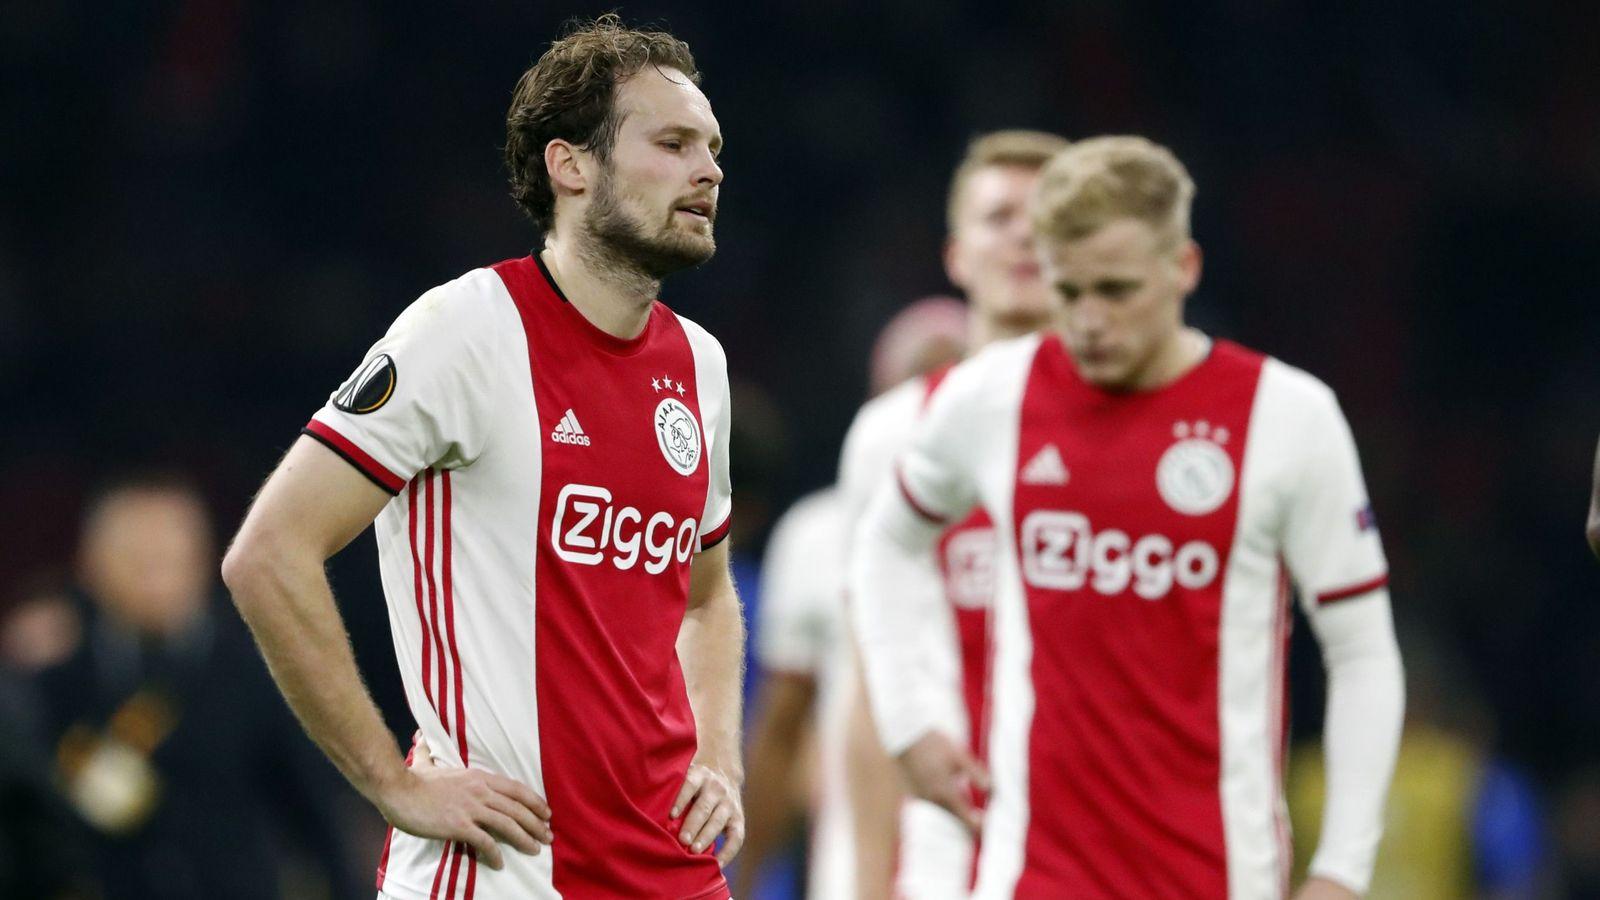 Bóng đá hôm nay 25/4: Giải Hà Lan chính thức bị hủy. Dấu hiệu cho thấy MU sắp mua được Koulibaly